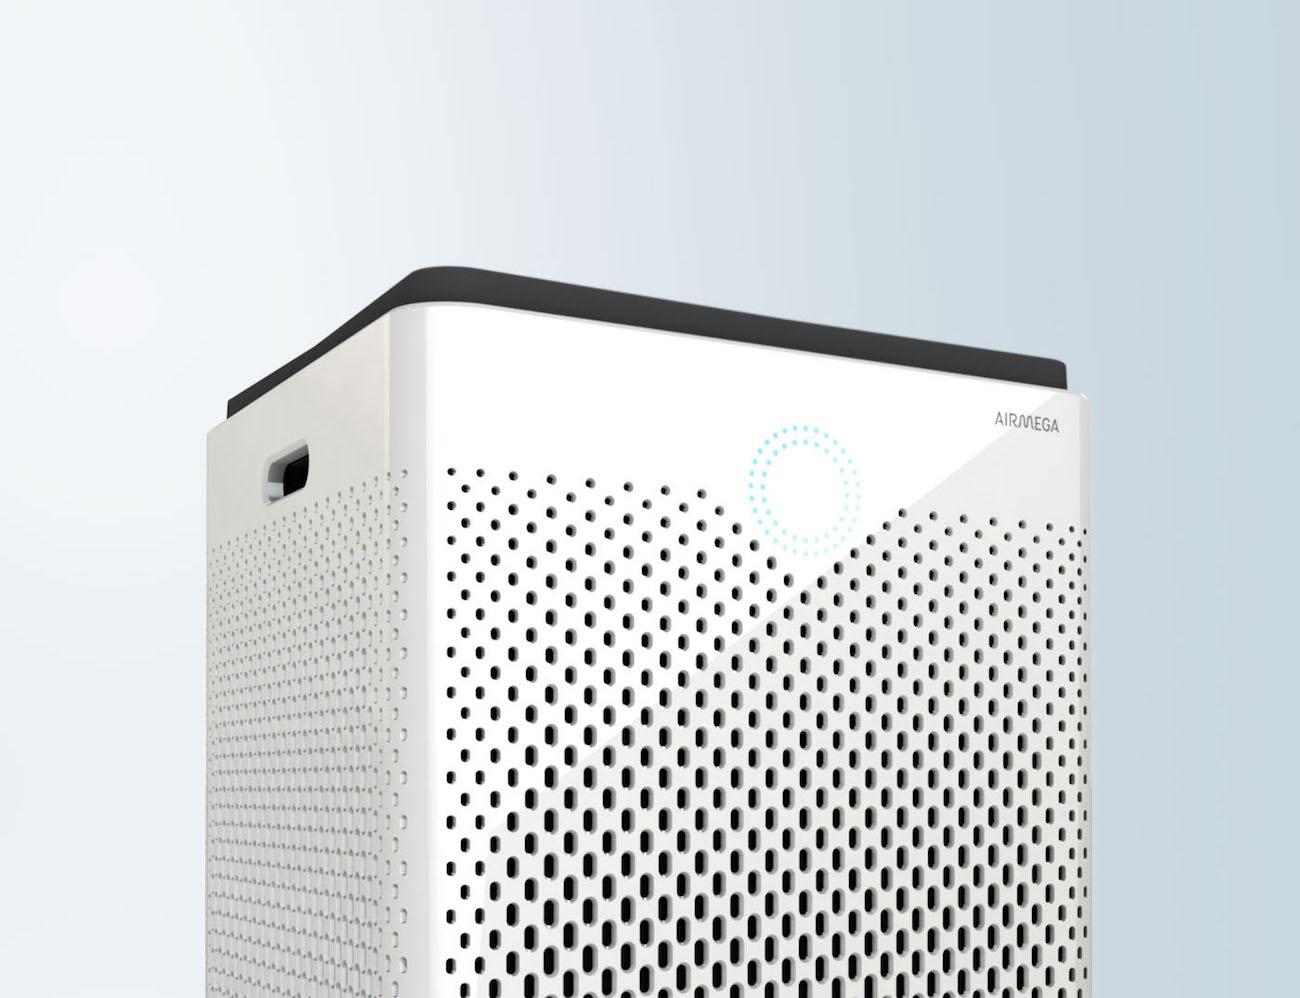 Airmega+%E2%80%93+The+Smart+Air+Purifier